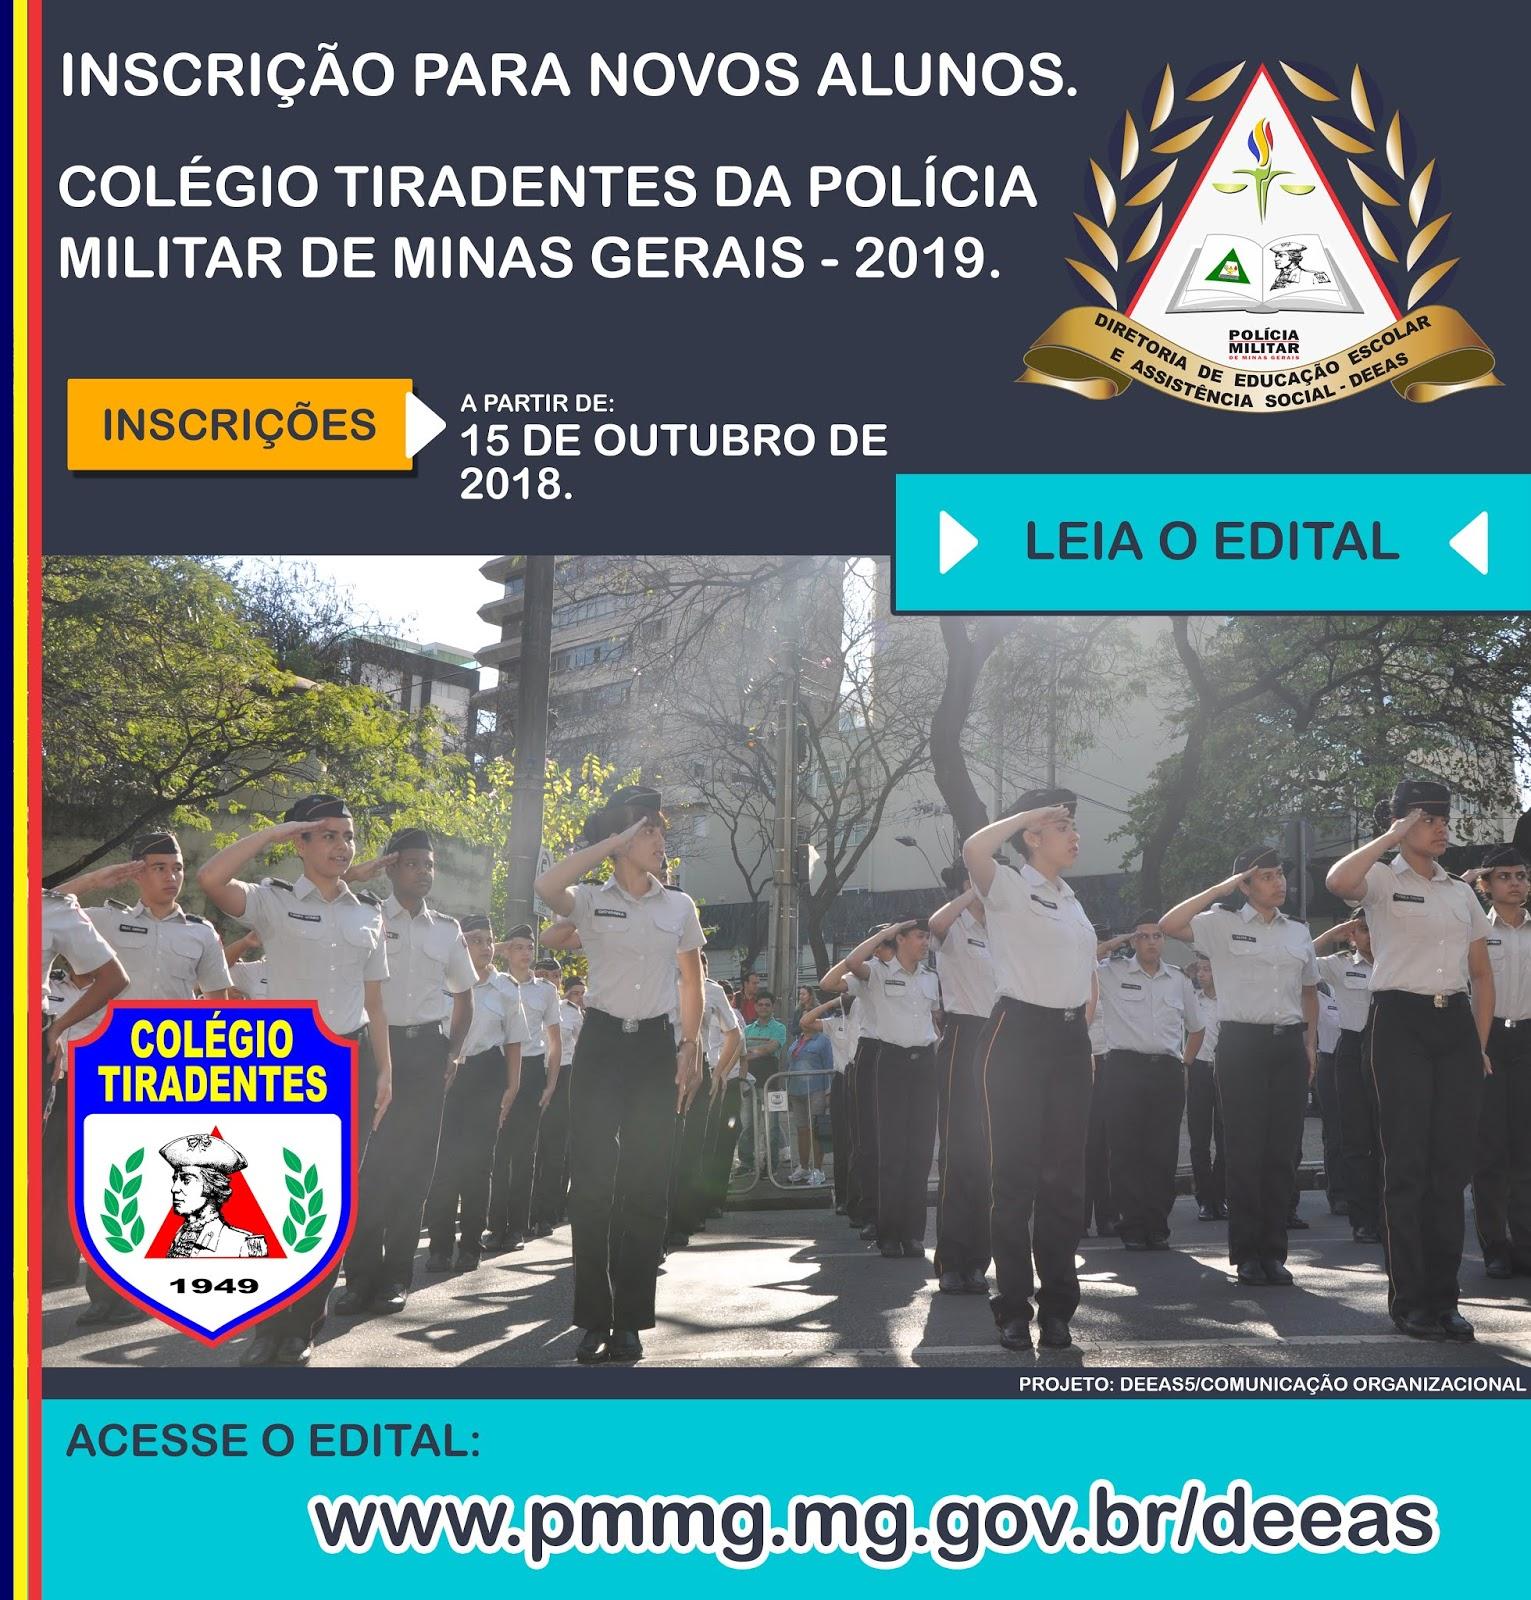 Colégio Tiradentes da Polícia Militar de Minas Gerais -Uberlândia ... 25324cac2bf5f